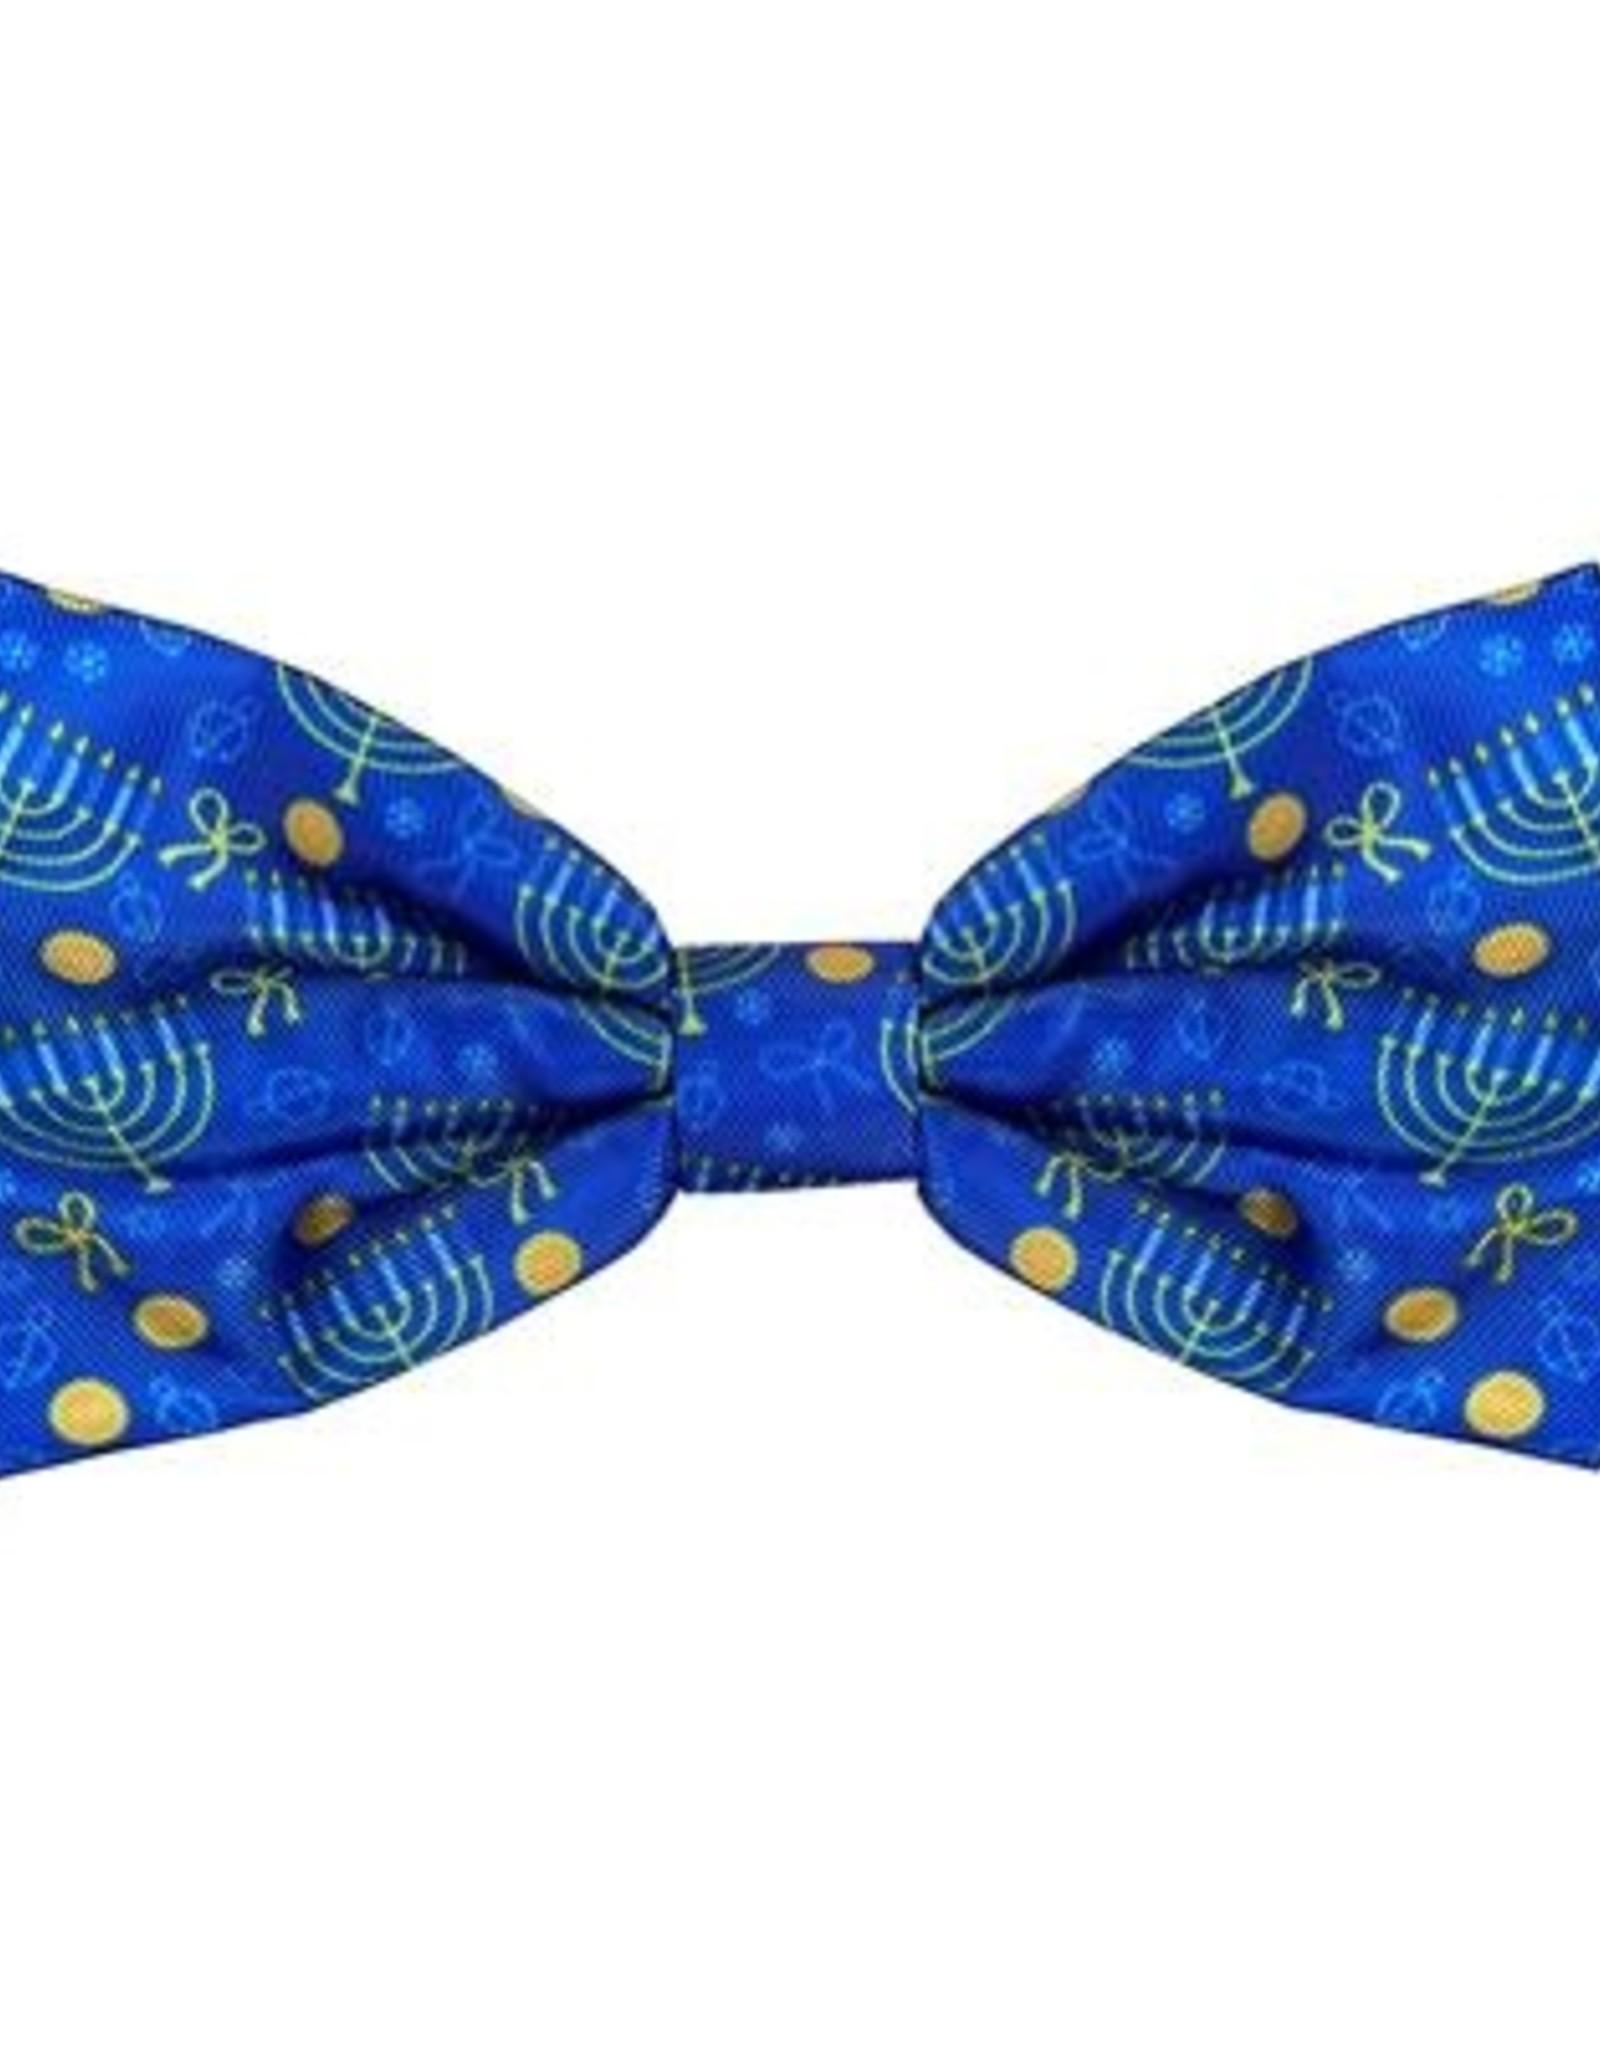 Huxley & Kent Hanukkah Bow Tie